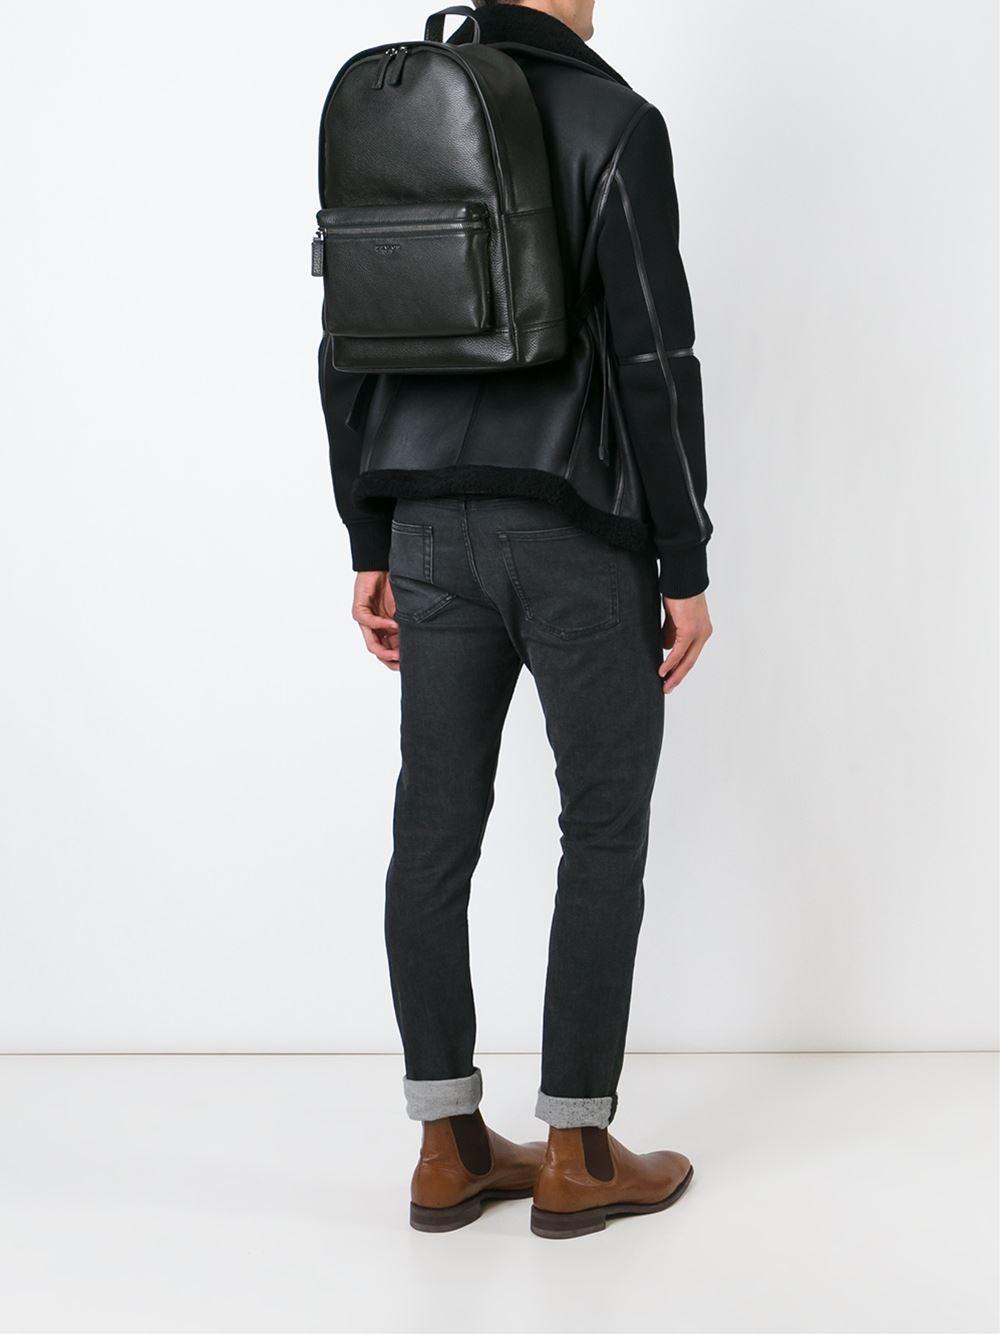 b54880215627 ... order lyst michael kors bryant backpack in black for men 20699 16178